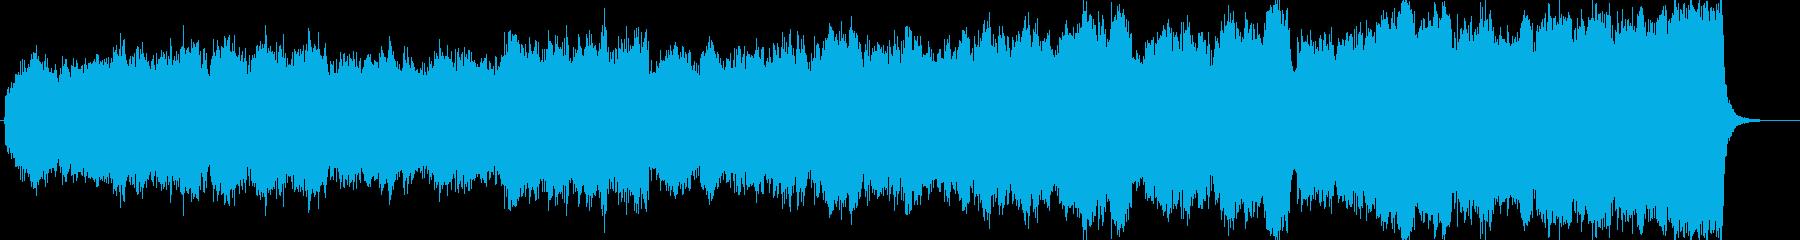 ちょっと速いせせらぎの幻想曲の再生済みの波形